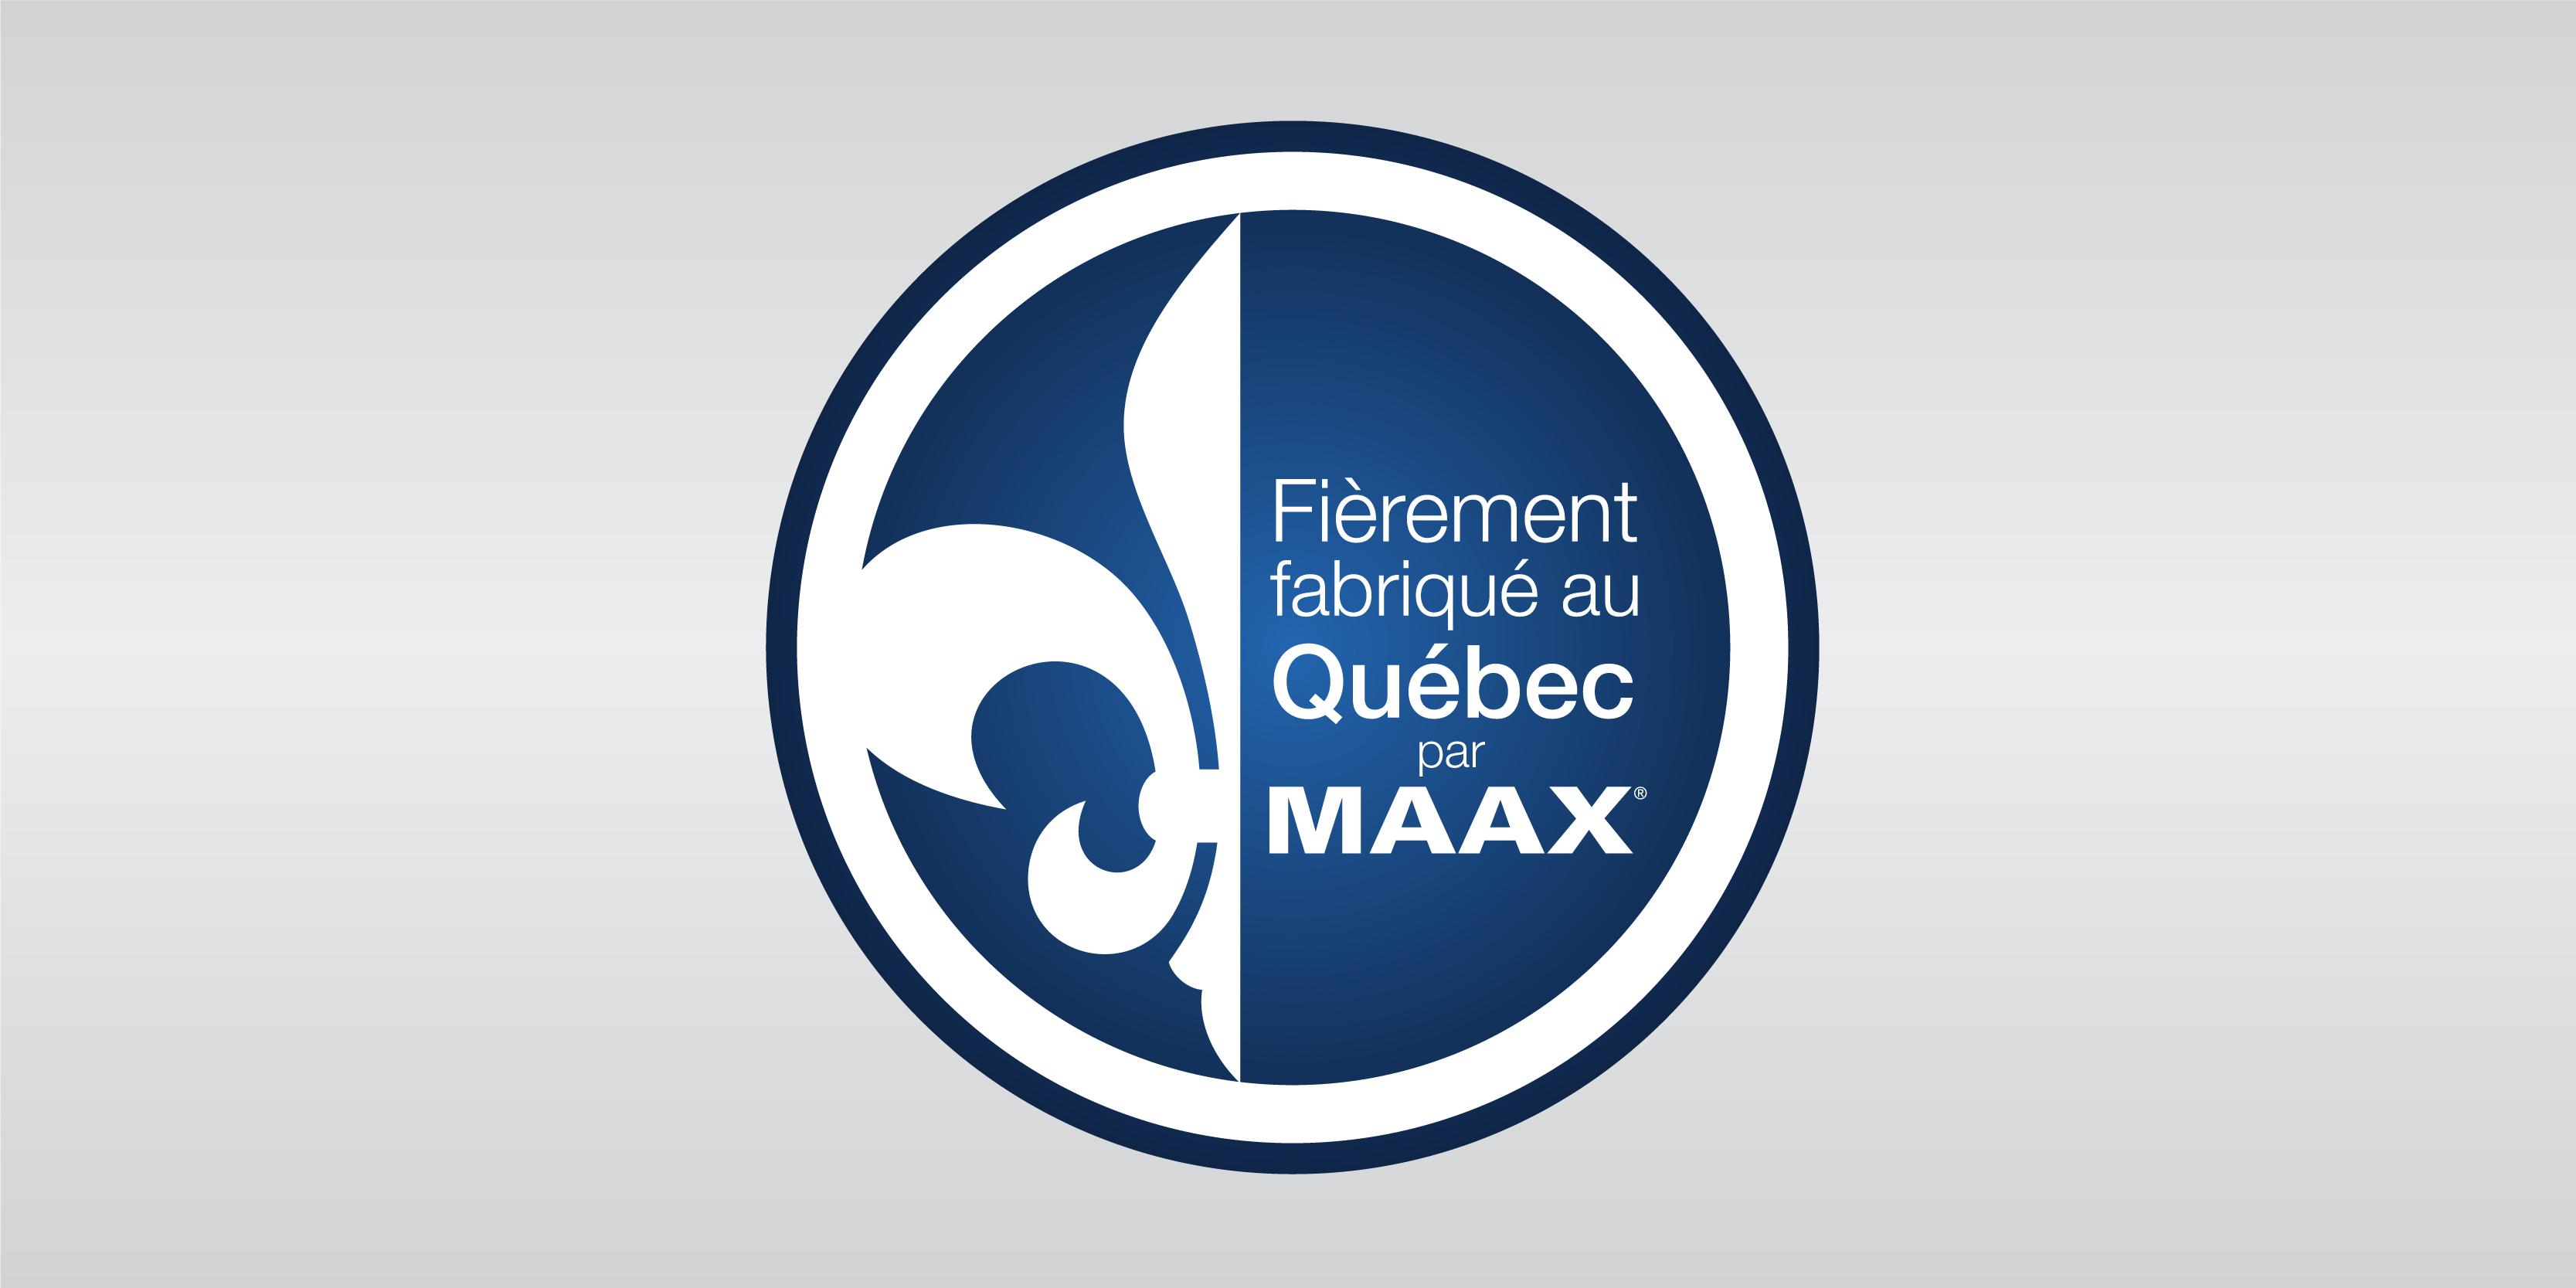 Fiérement fabriqué au Québec par MAAX